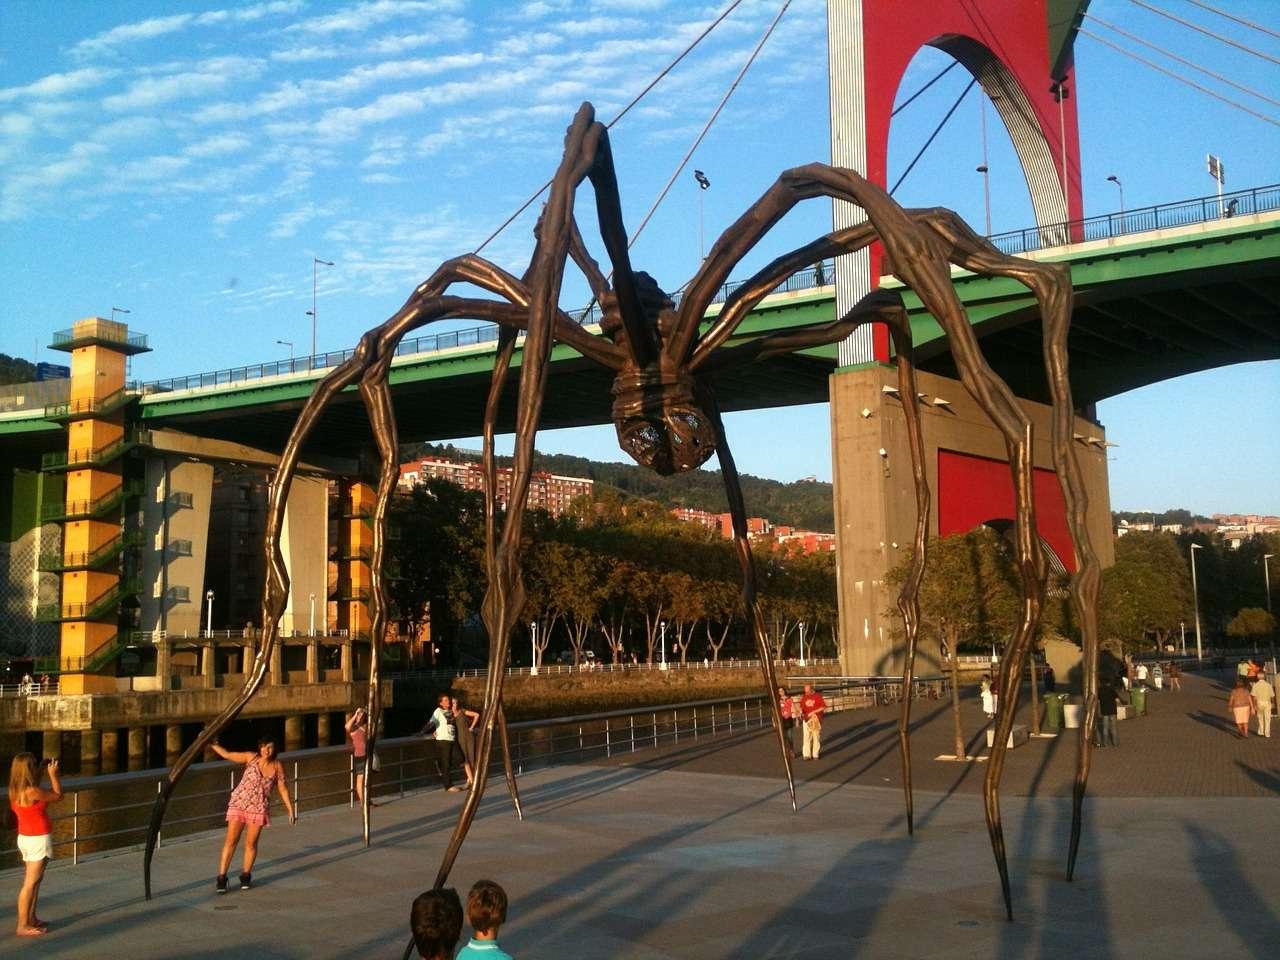 Spider in bilbao Museum